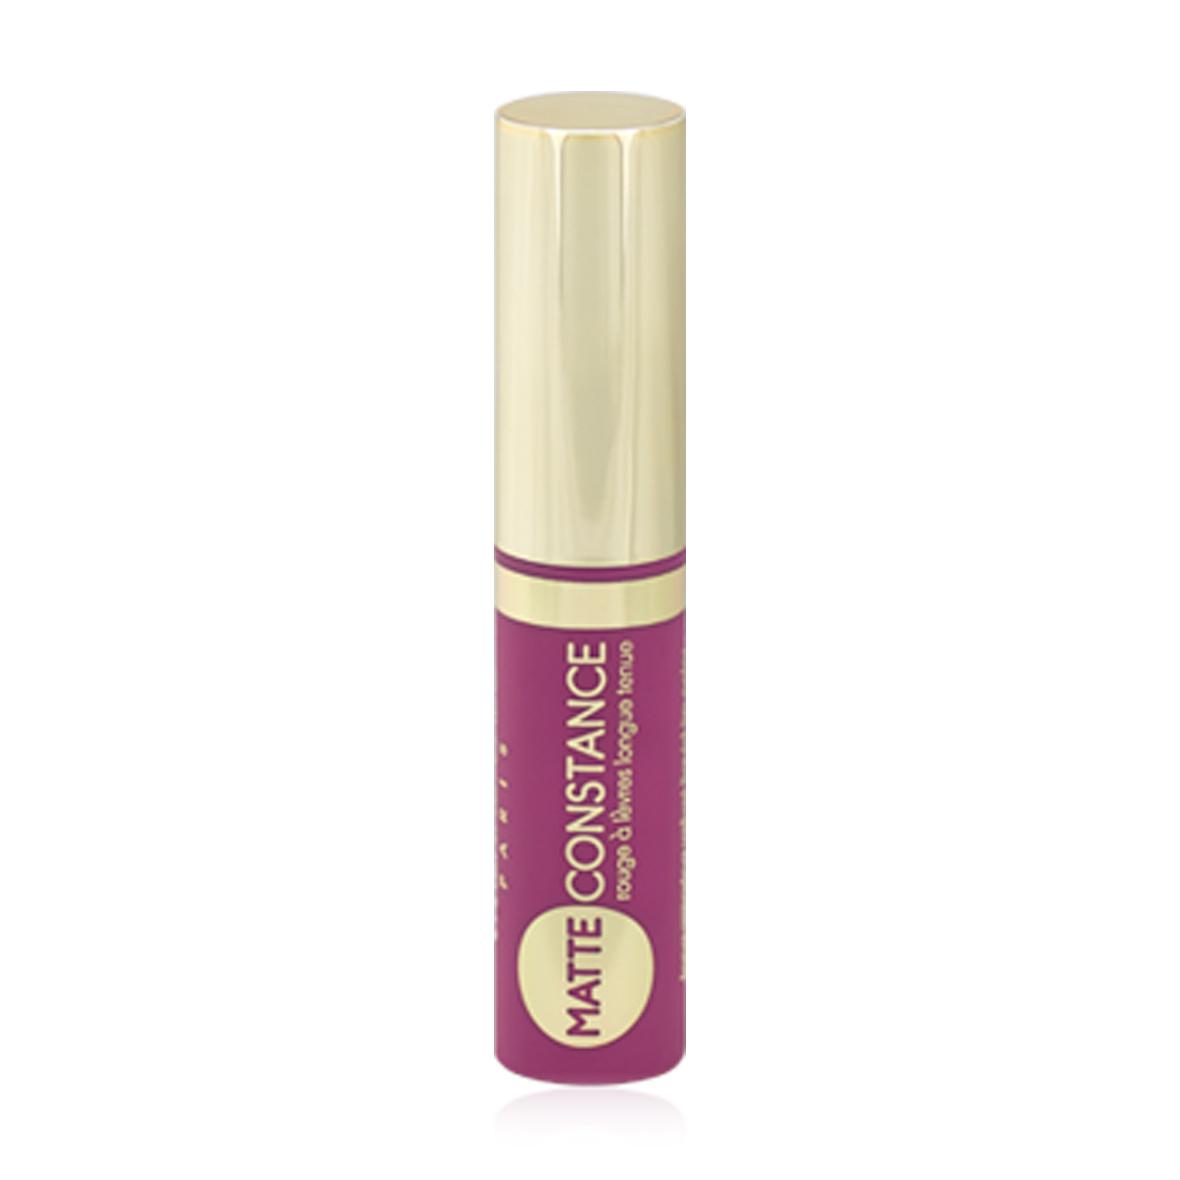 Помада для губ жидкая Vivienne Sabo Matte Constance устойчивая с матовым эффектом 37, 3 мл